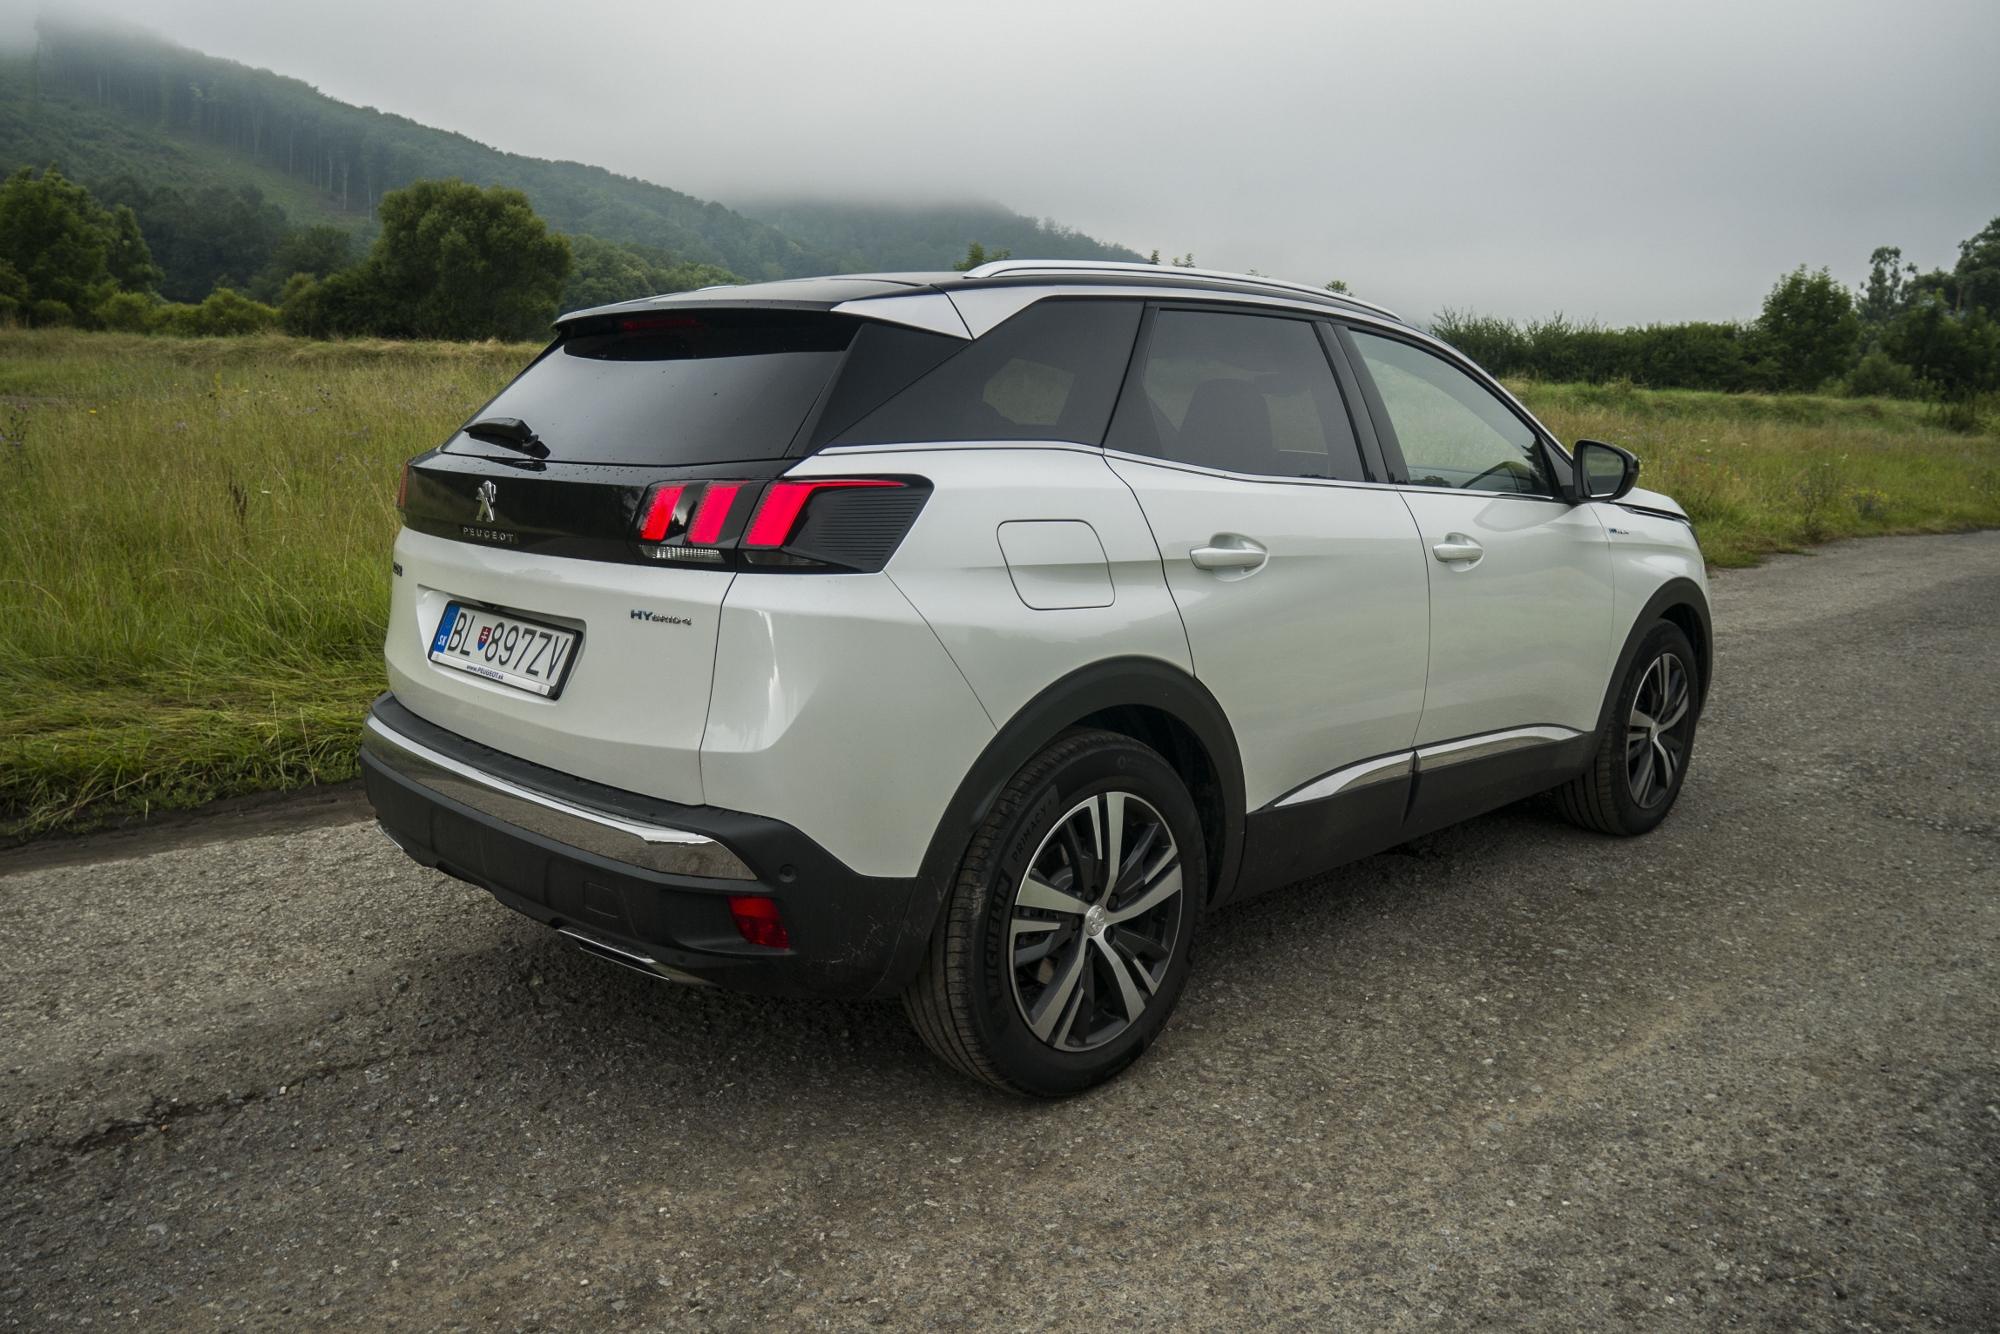 Test: Peugeot 3008 posúva schopnosti plug in hybridov rCeJAgSBha peugeot-3008-hybrid4-11